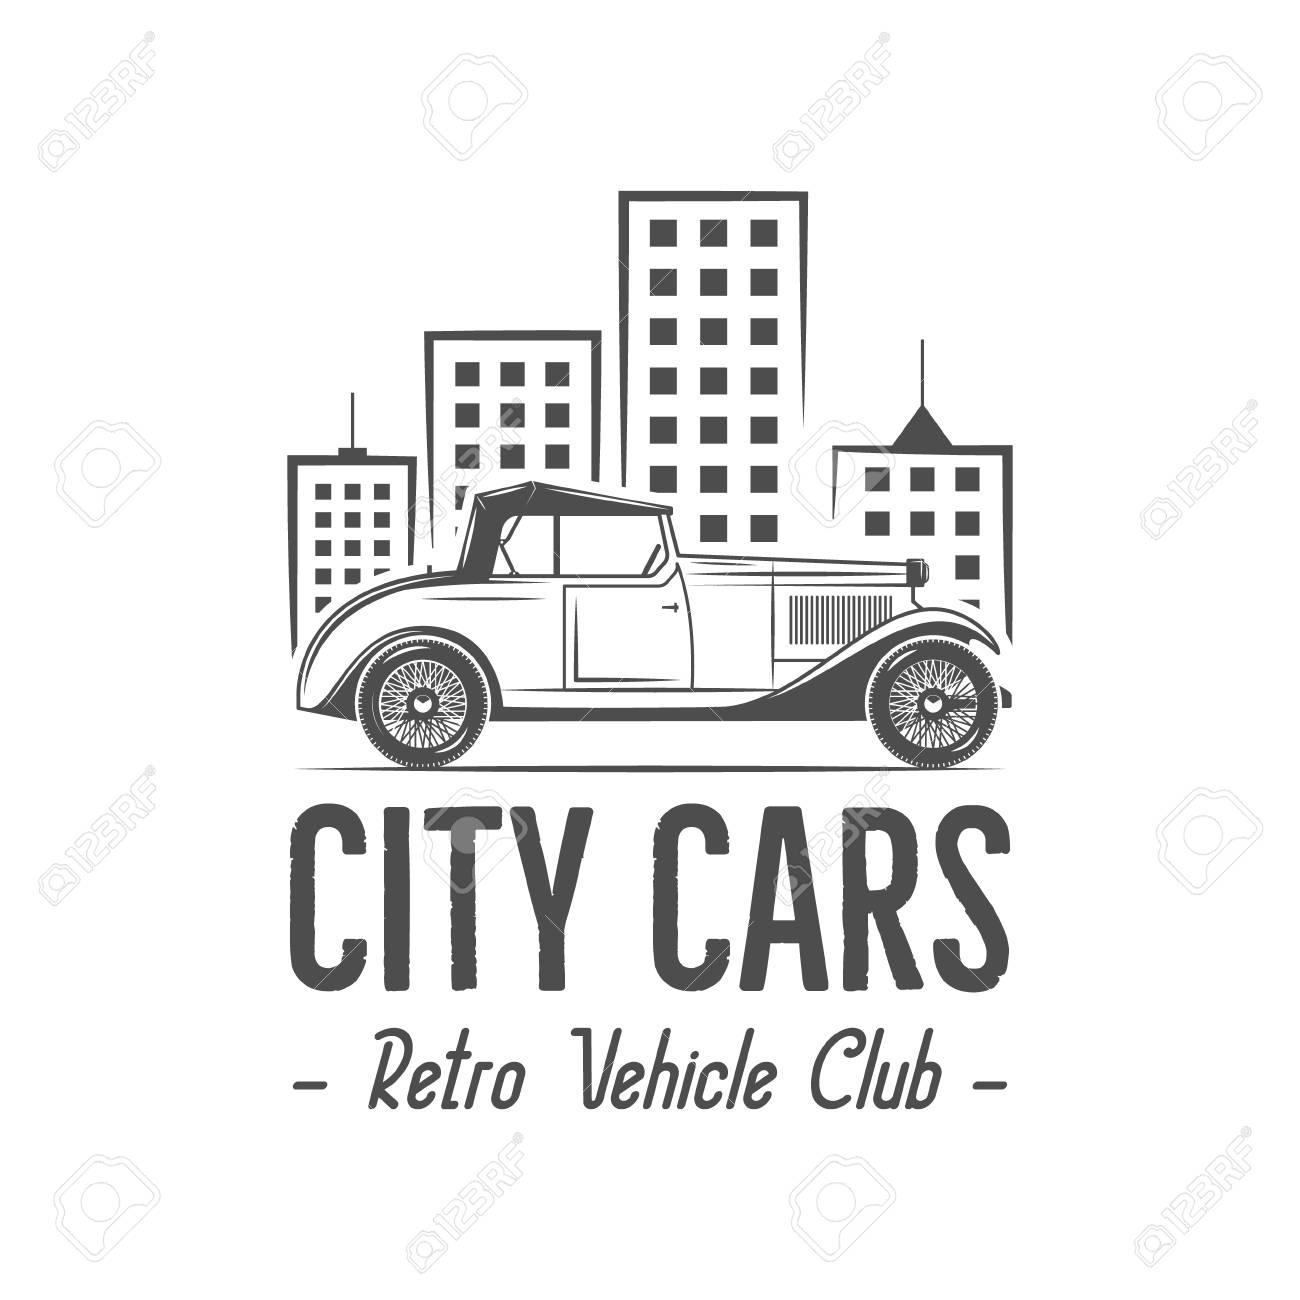 Vintage City Car Label Design. Classic Auto Badge, Insignia ...